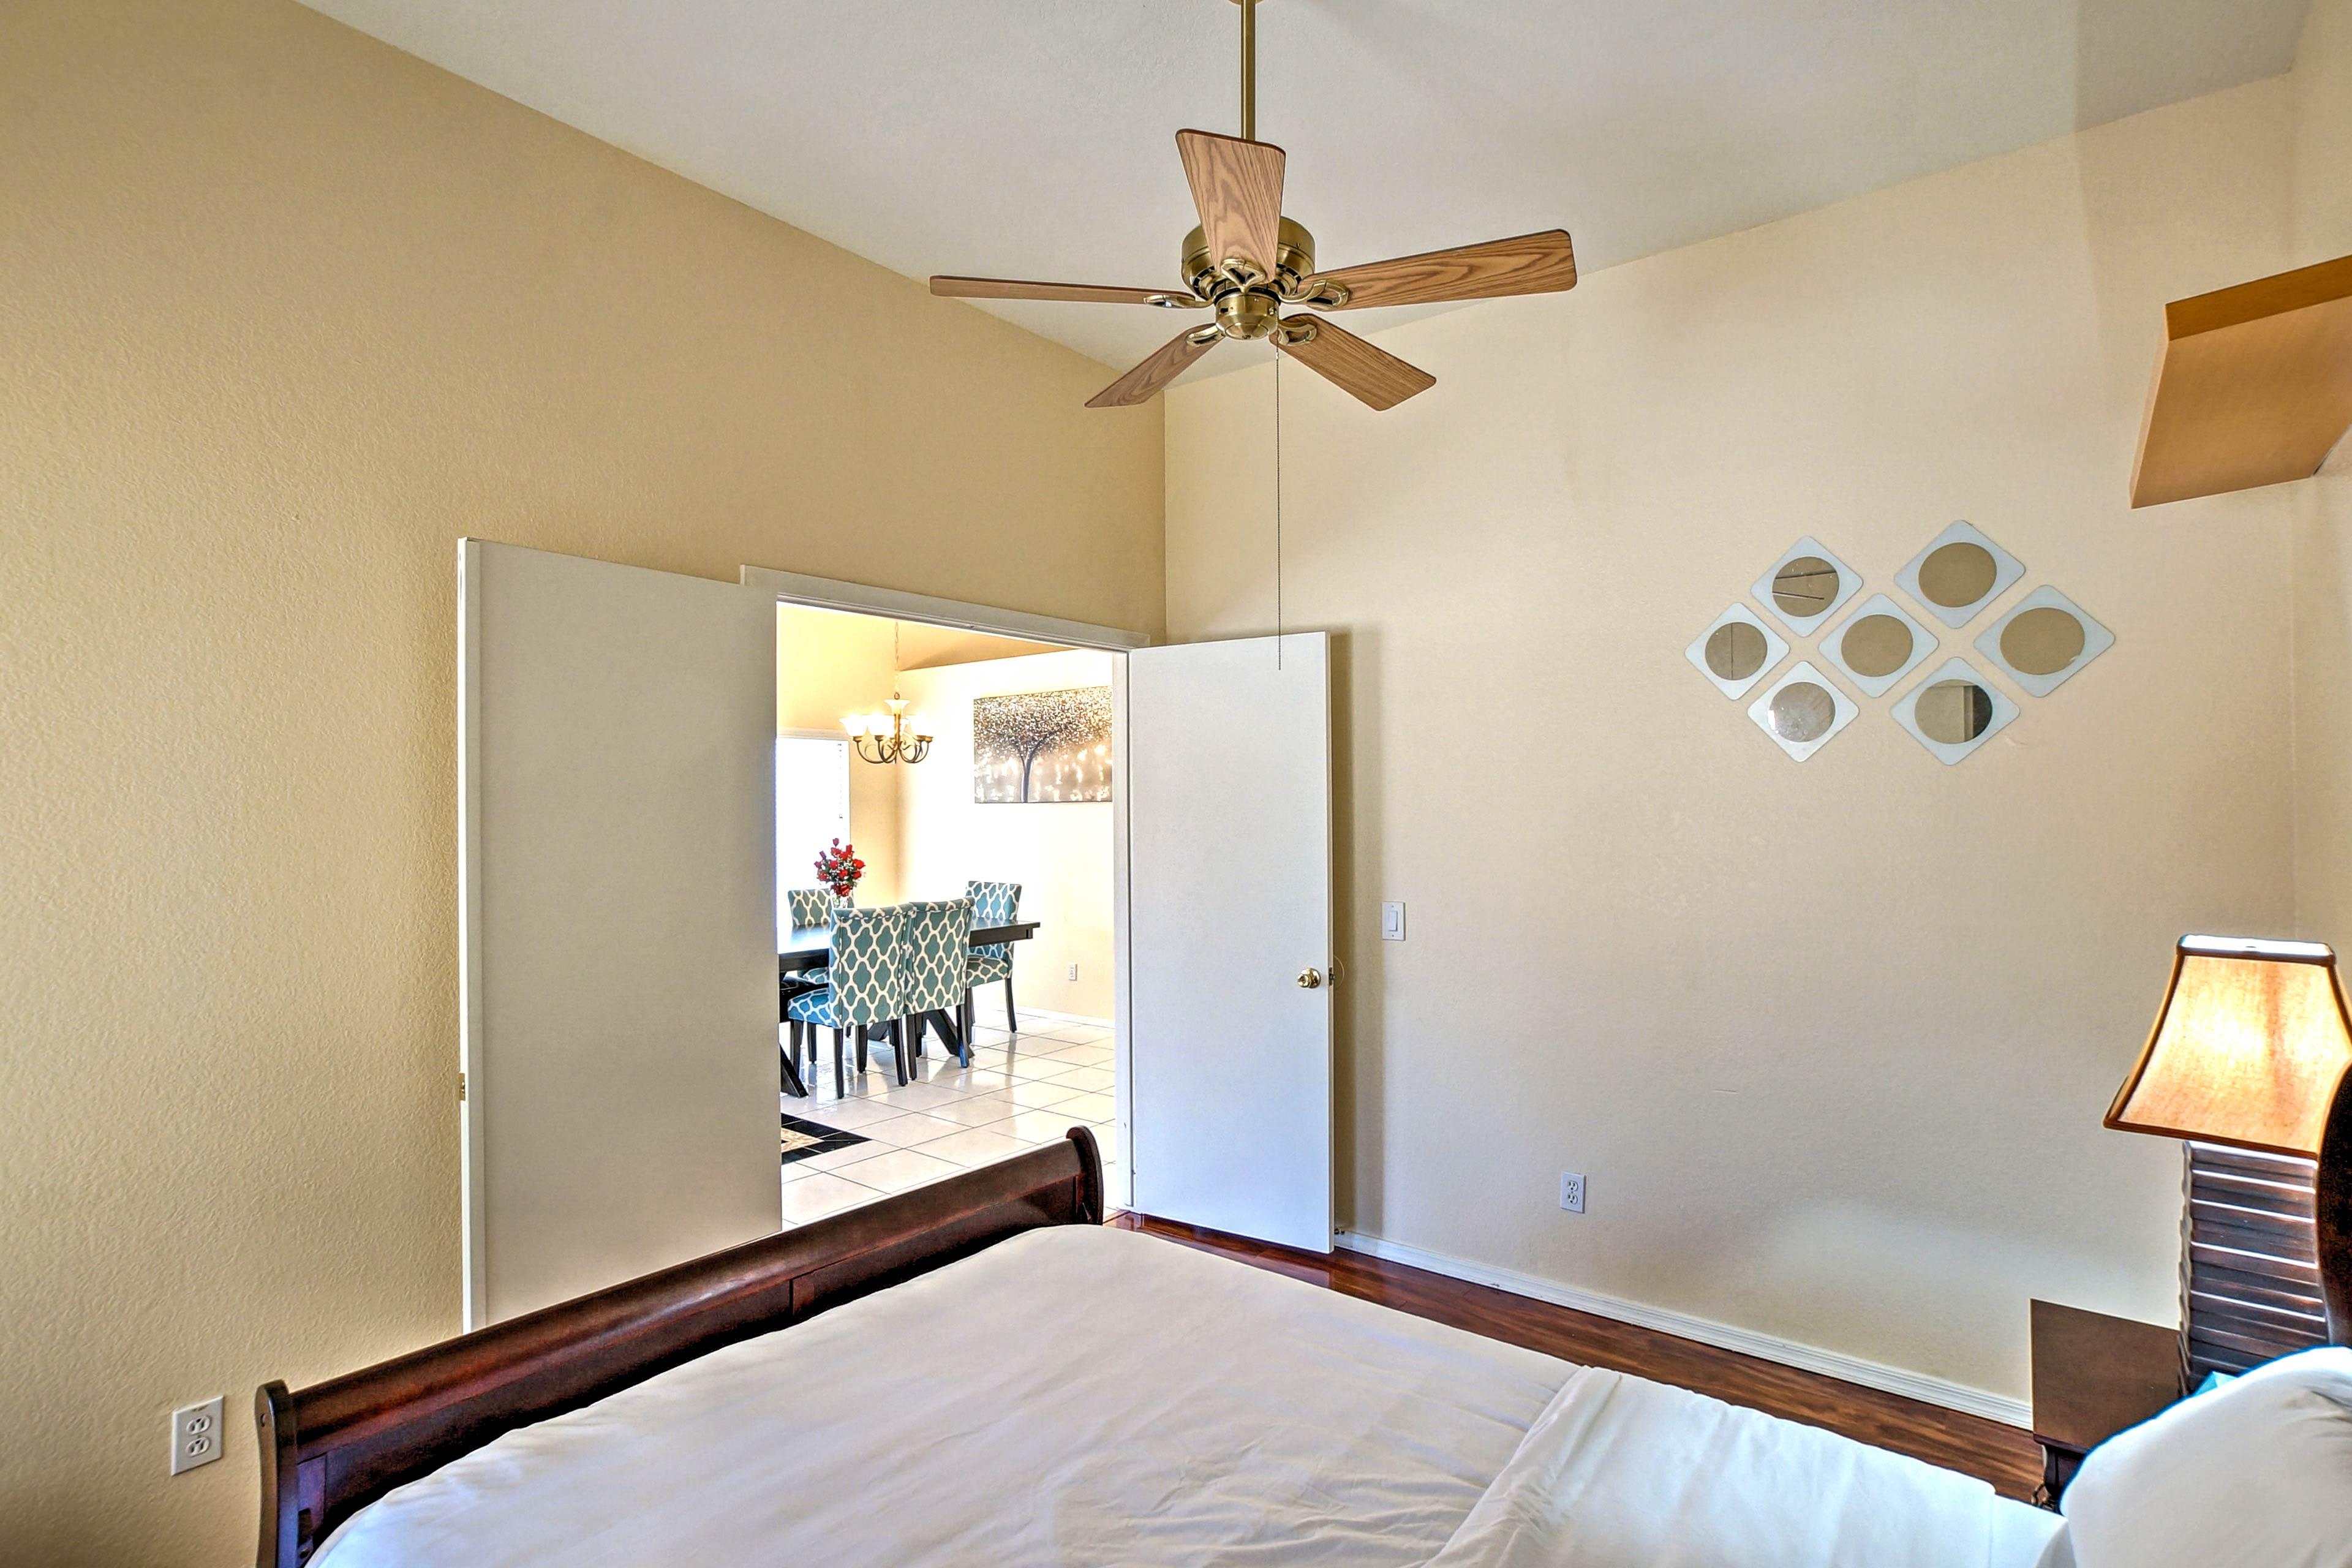 Unwind below the ceiling fan each night.